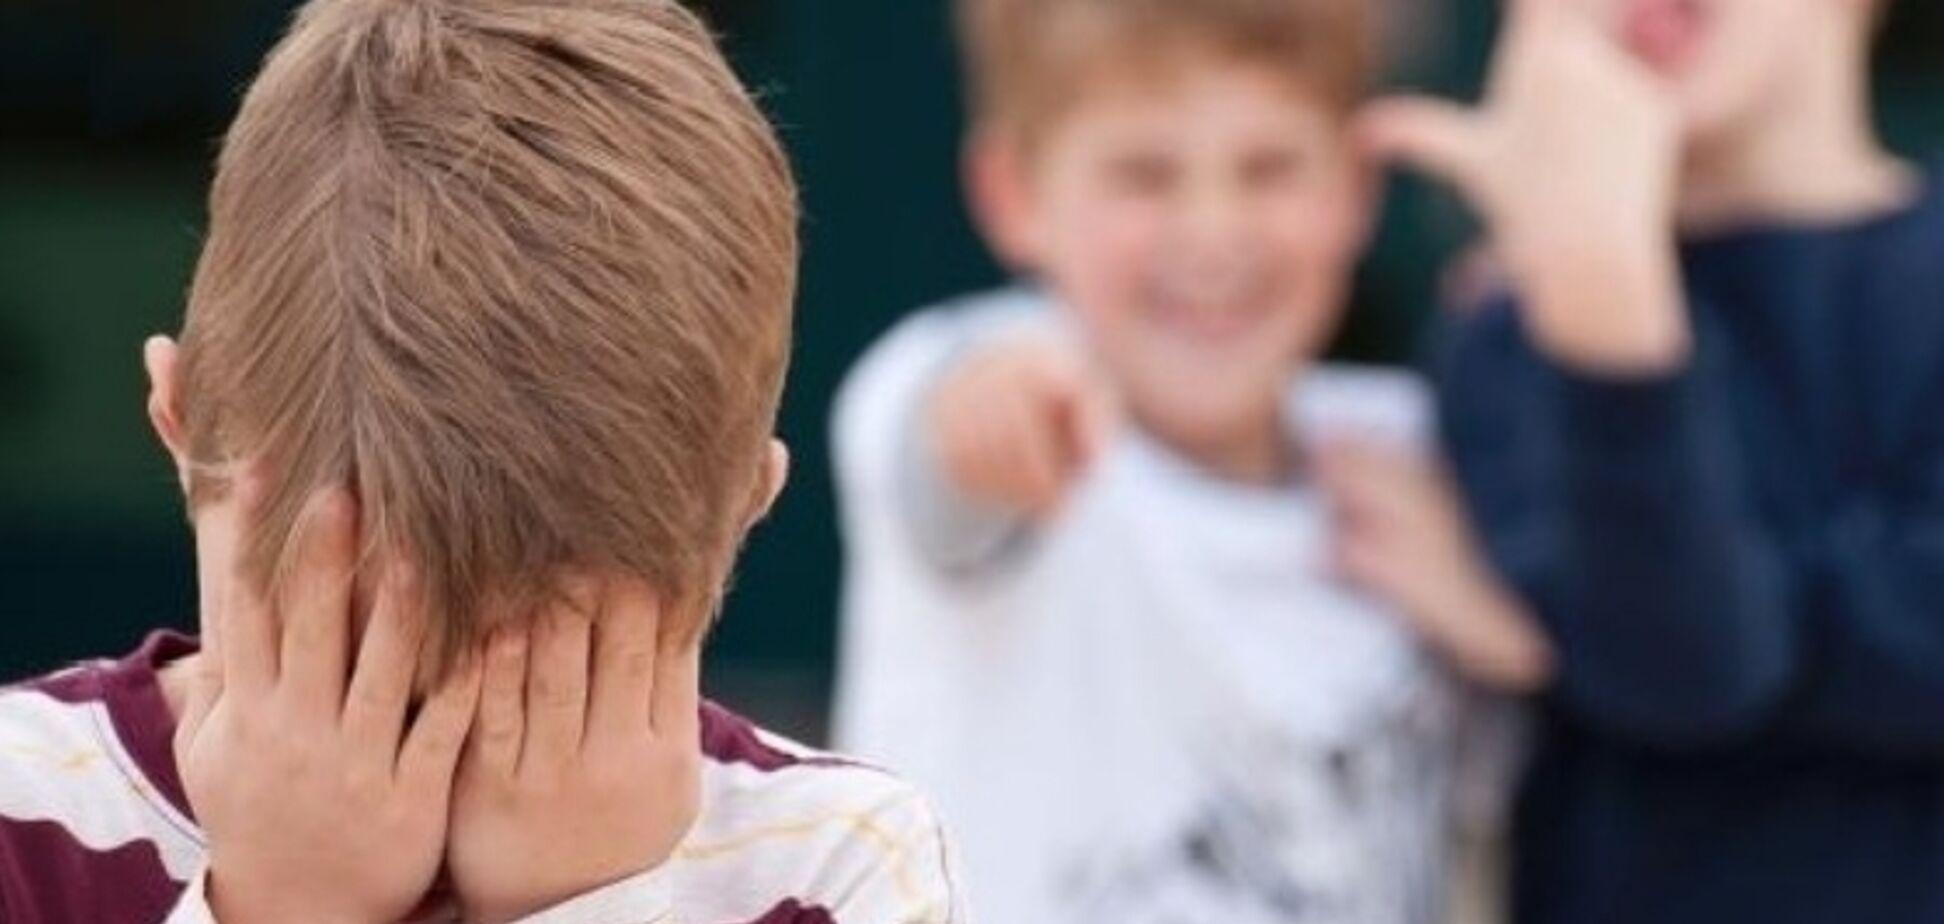 В Одеській області школярі катували маленького хлопчика